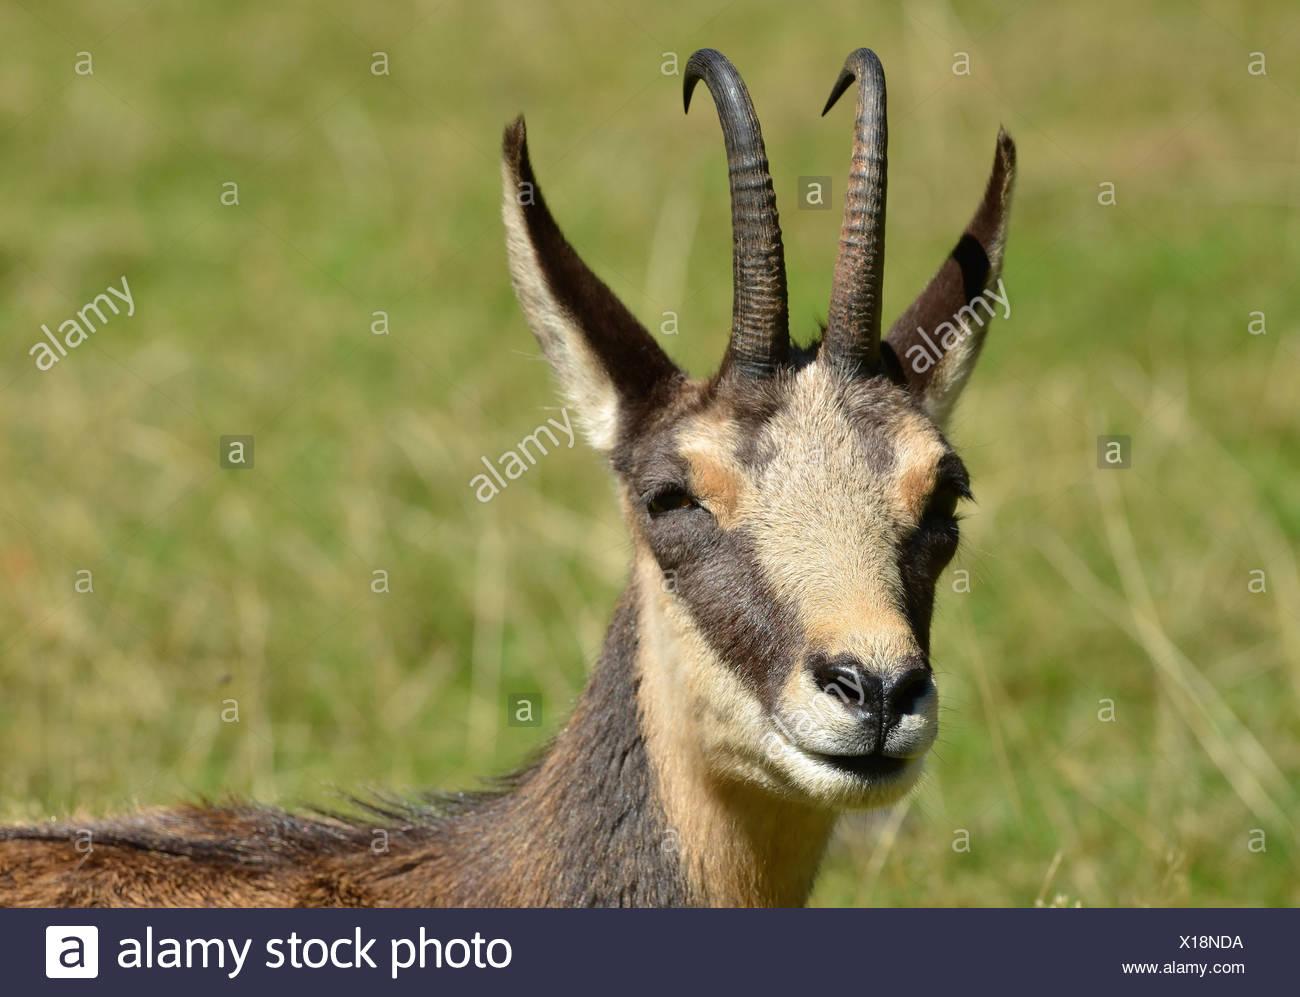 Portrait monochrome d'un chamois, une antilope de montagne européennes, chassés pour la peau qui a été utilisé pour les lingettes de nettoyage chammy Banque D'Images